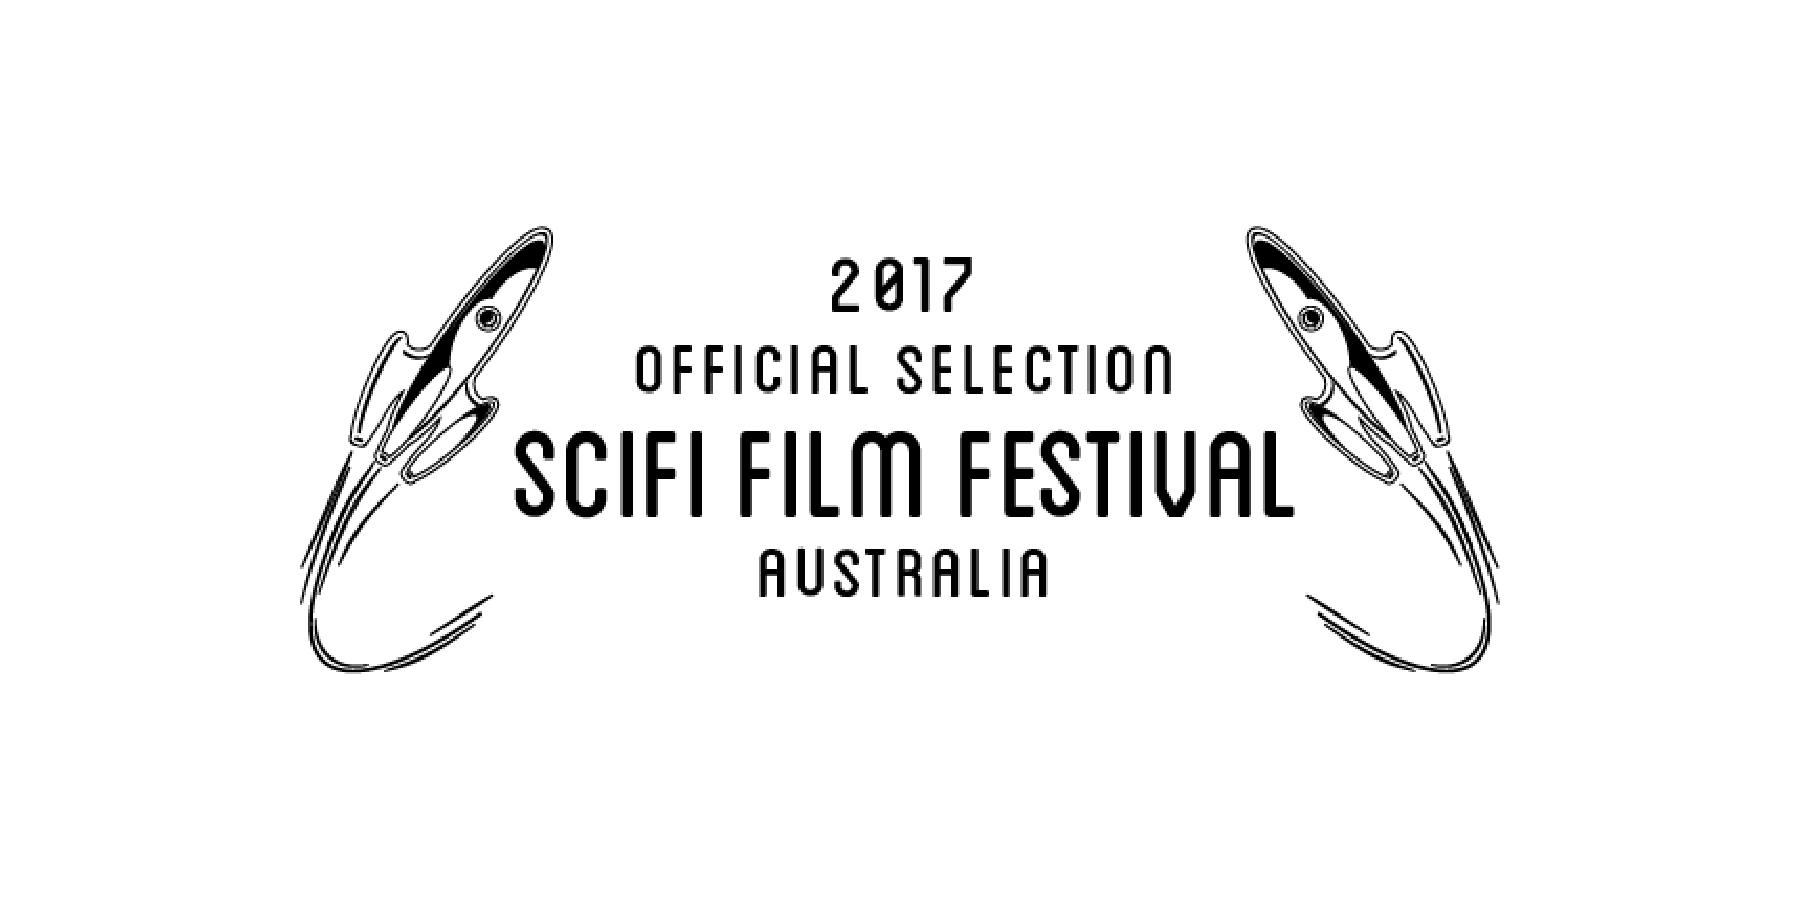 SCIFI_FILM_FEST-01.jpg